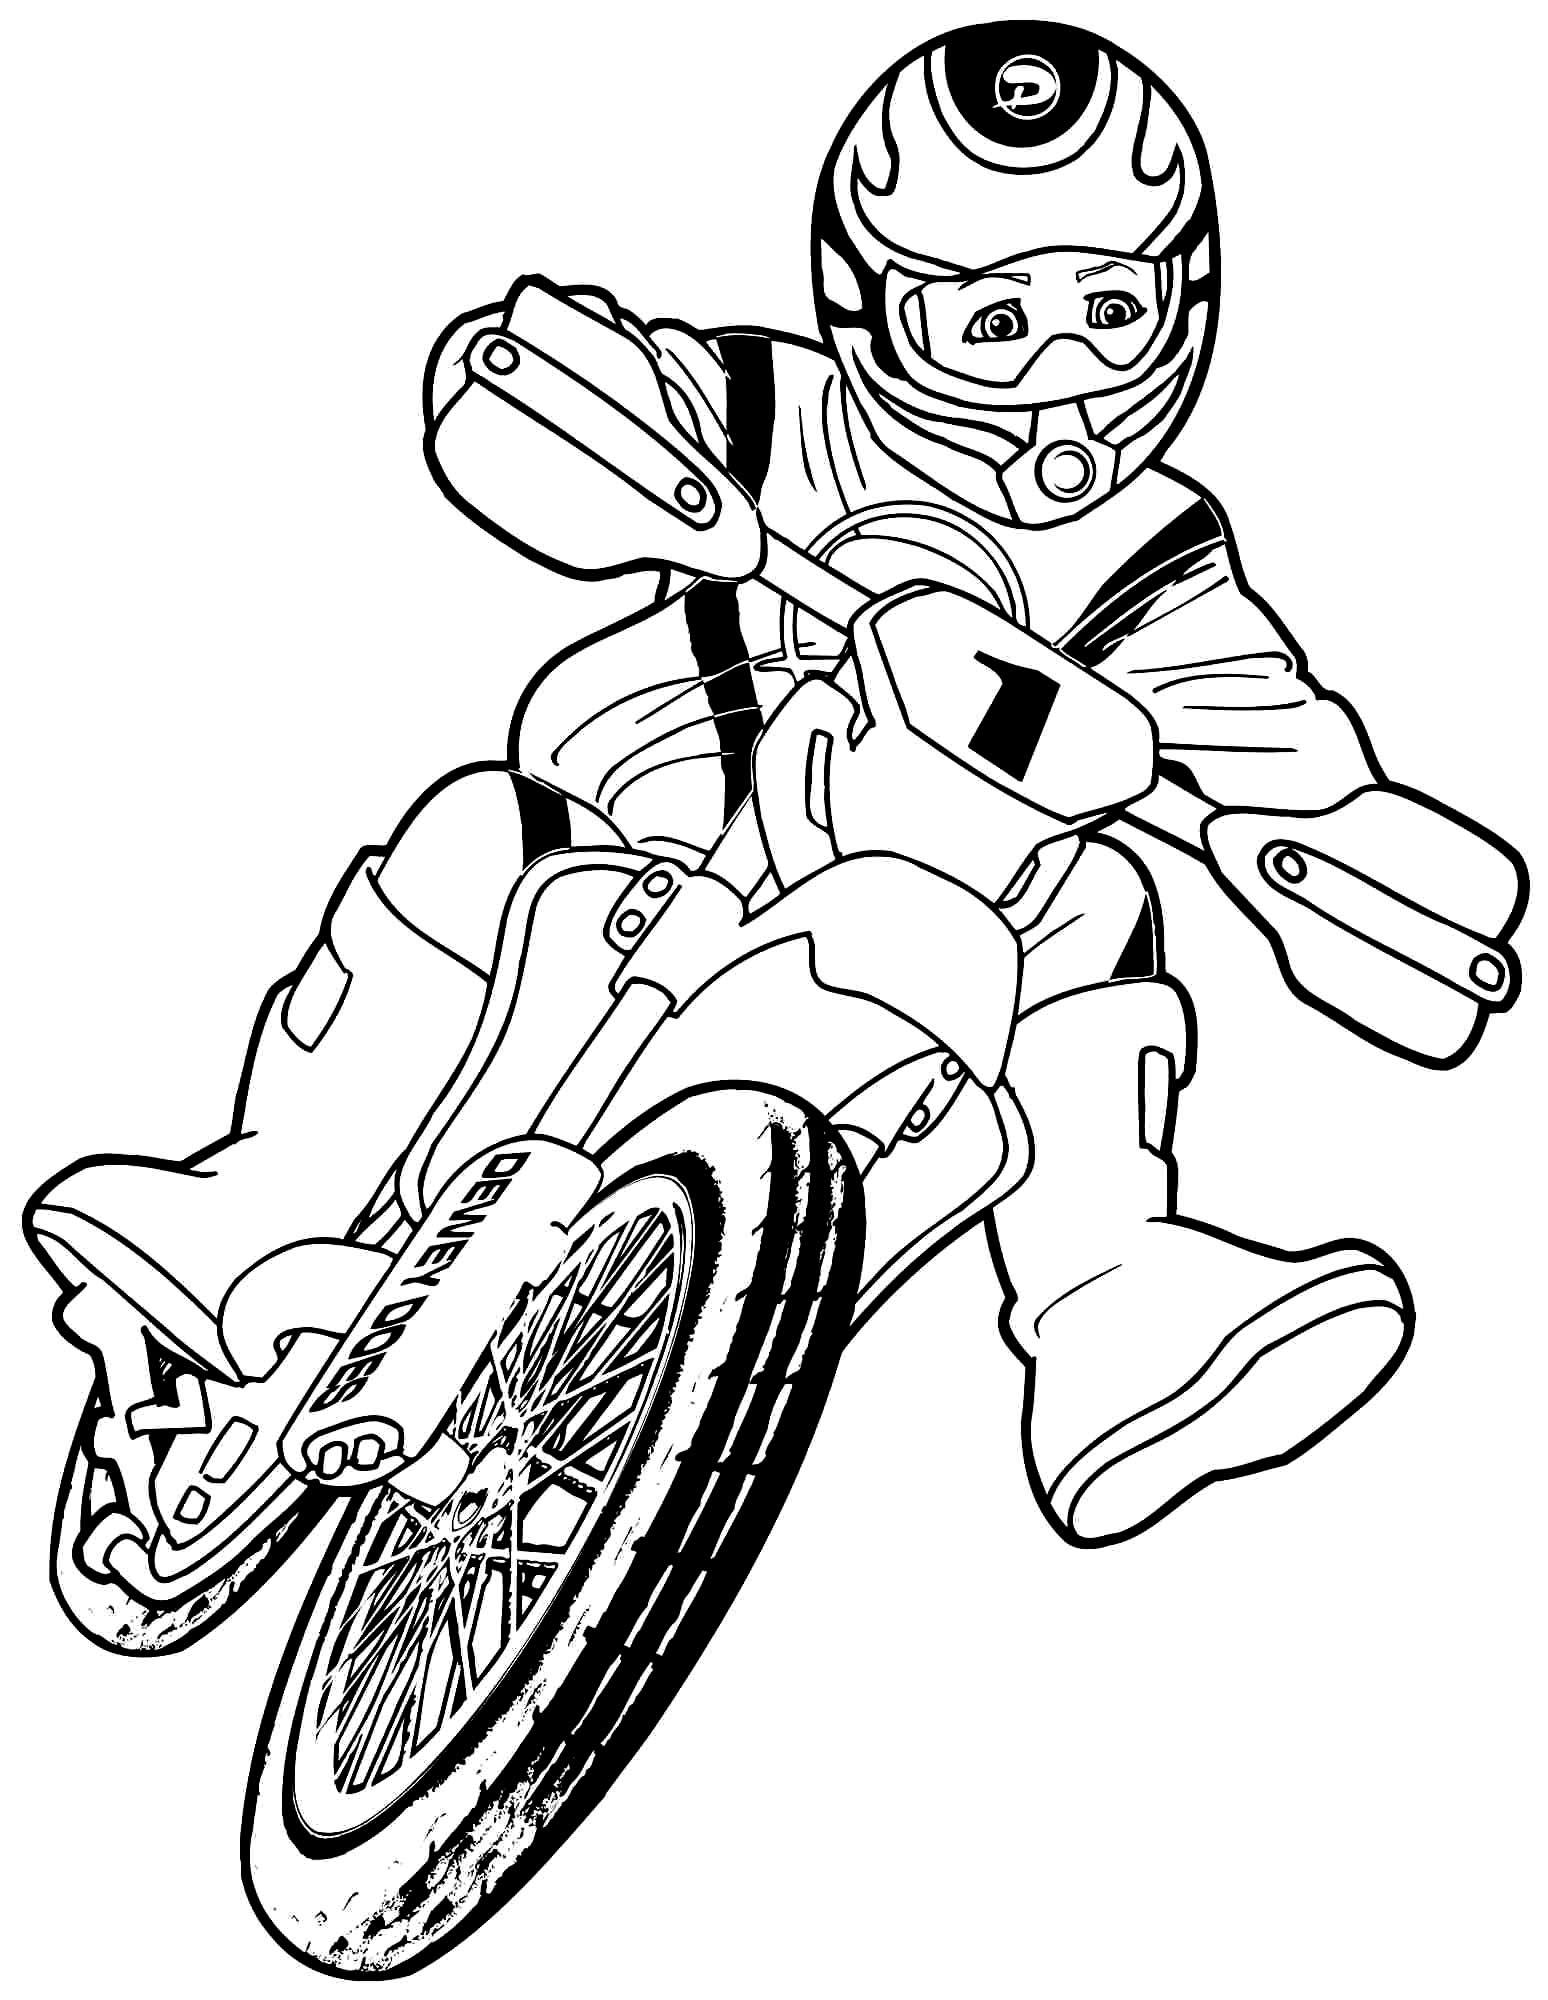 Imagem de moto para colorir